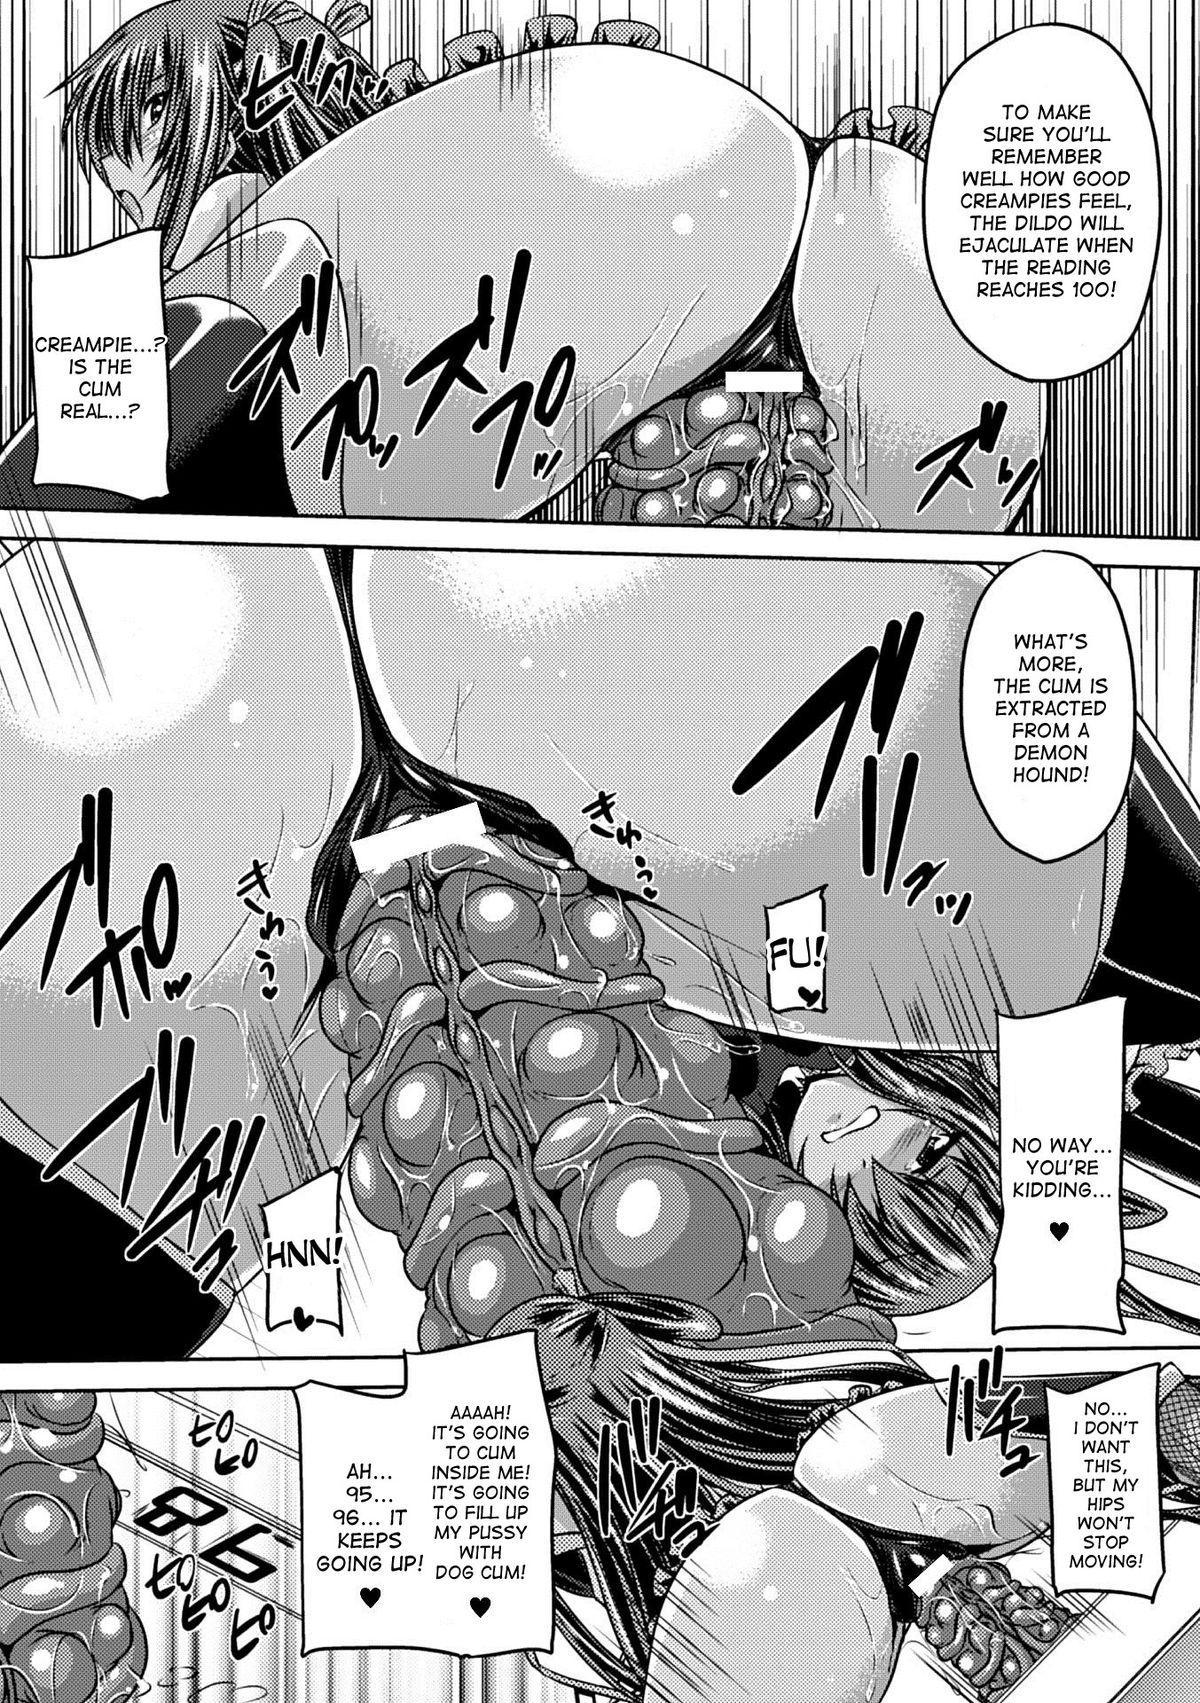 [Gonzaburo-] Taimanin Yukikaze - Taimanin wa Ingoku ni Shizumu #1-6 | Taimanin Yukikaze - Taimanin's fall into the lewd hell #1-5 [English] [desudesu] [Digital] 68